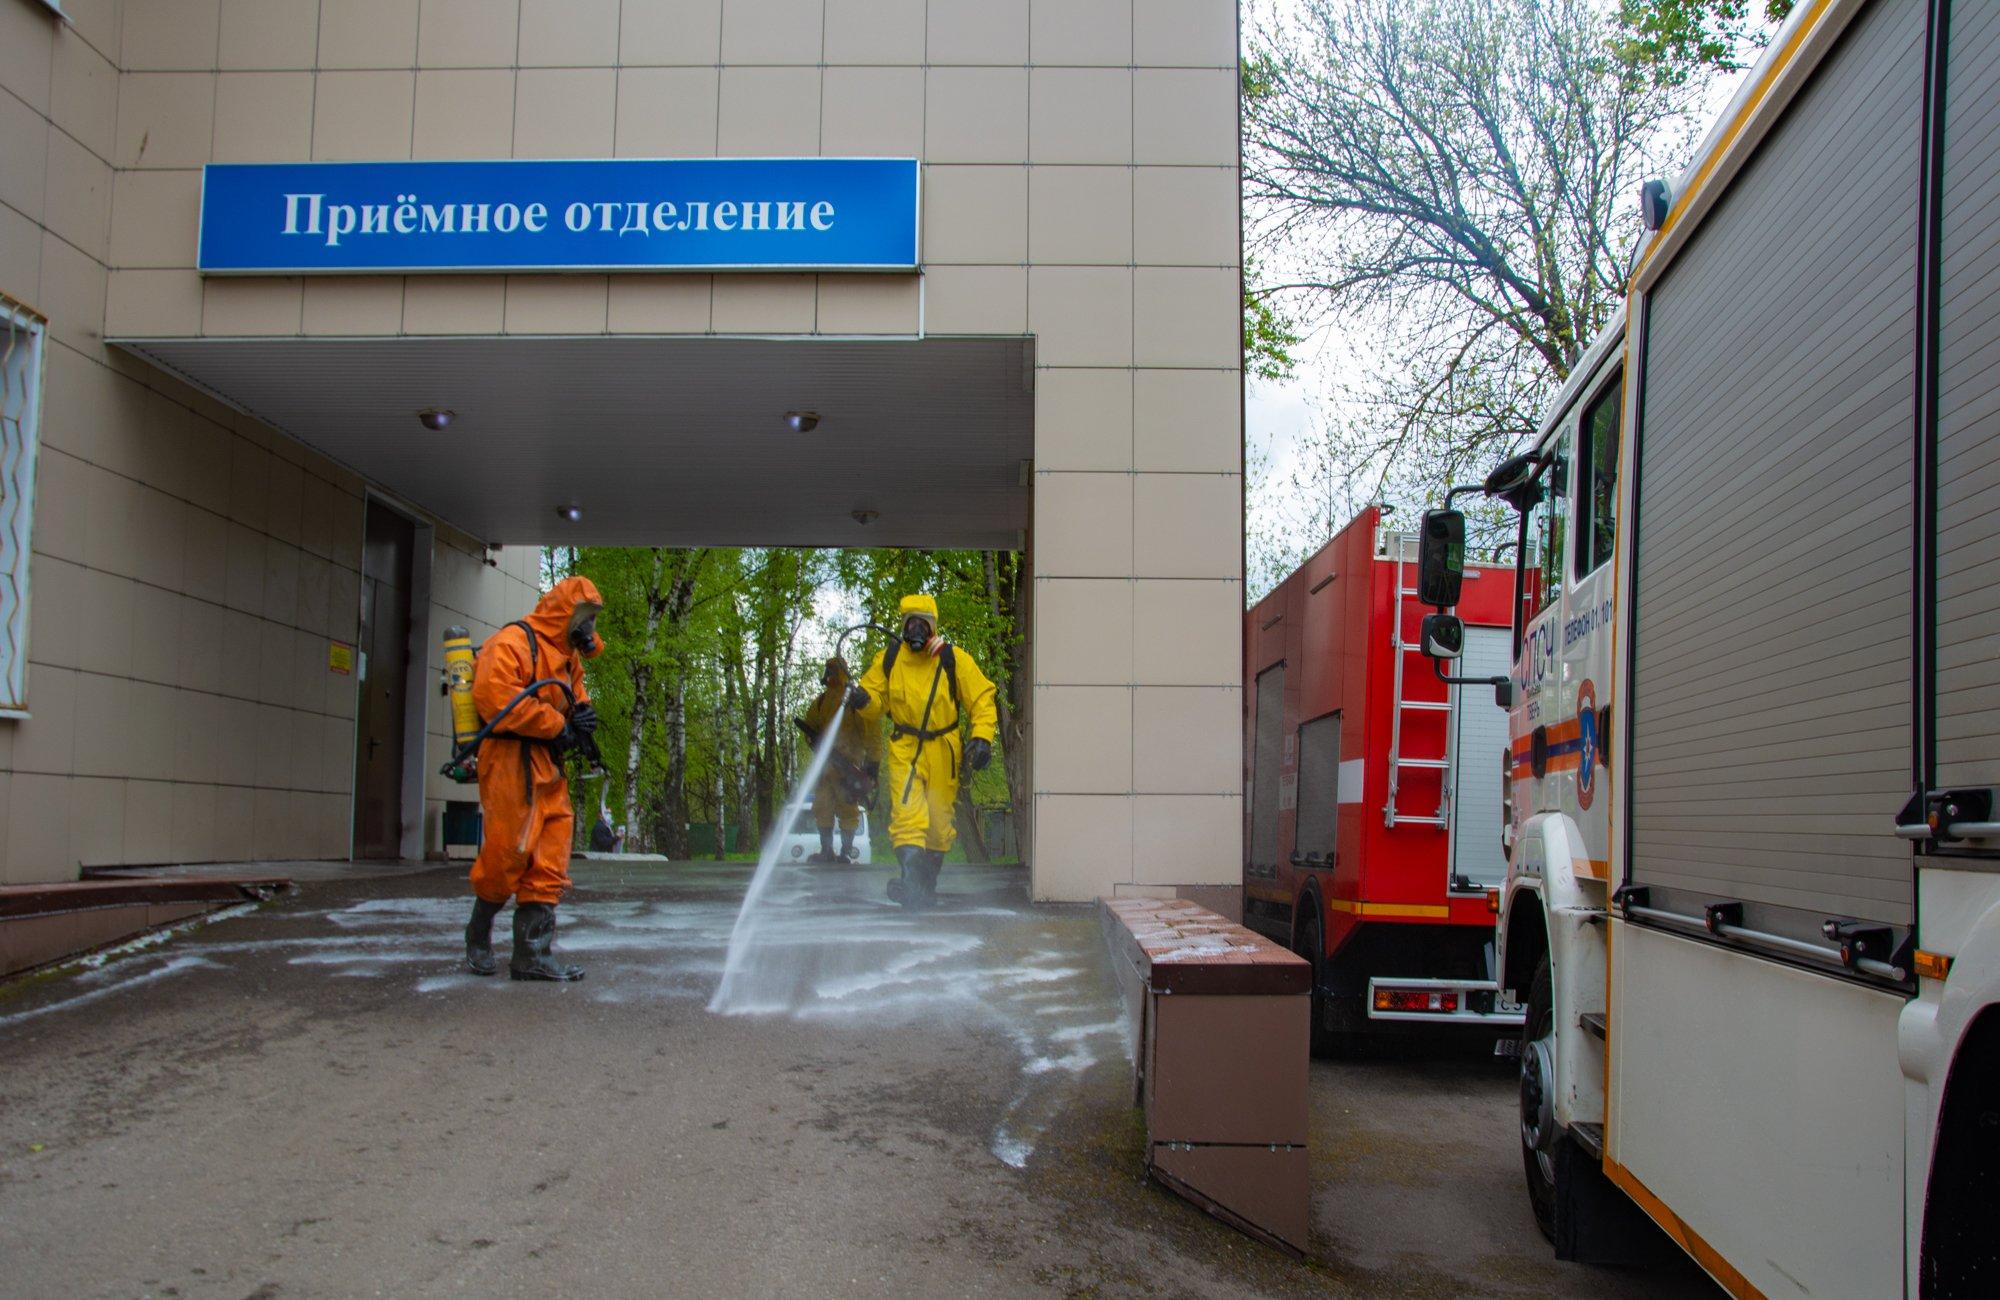 МЧС Тверской области провели дезинфекцию медучреждений